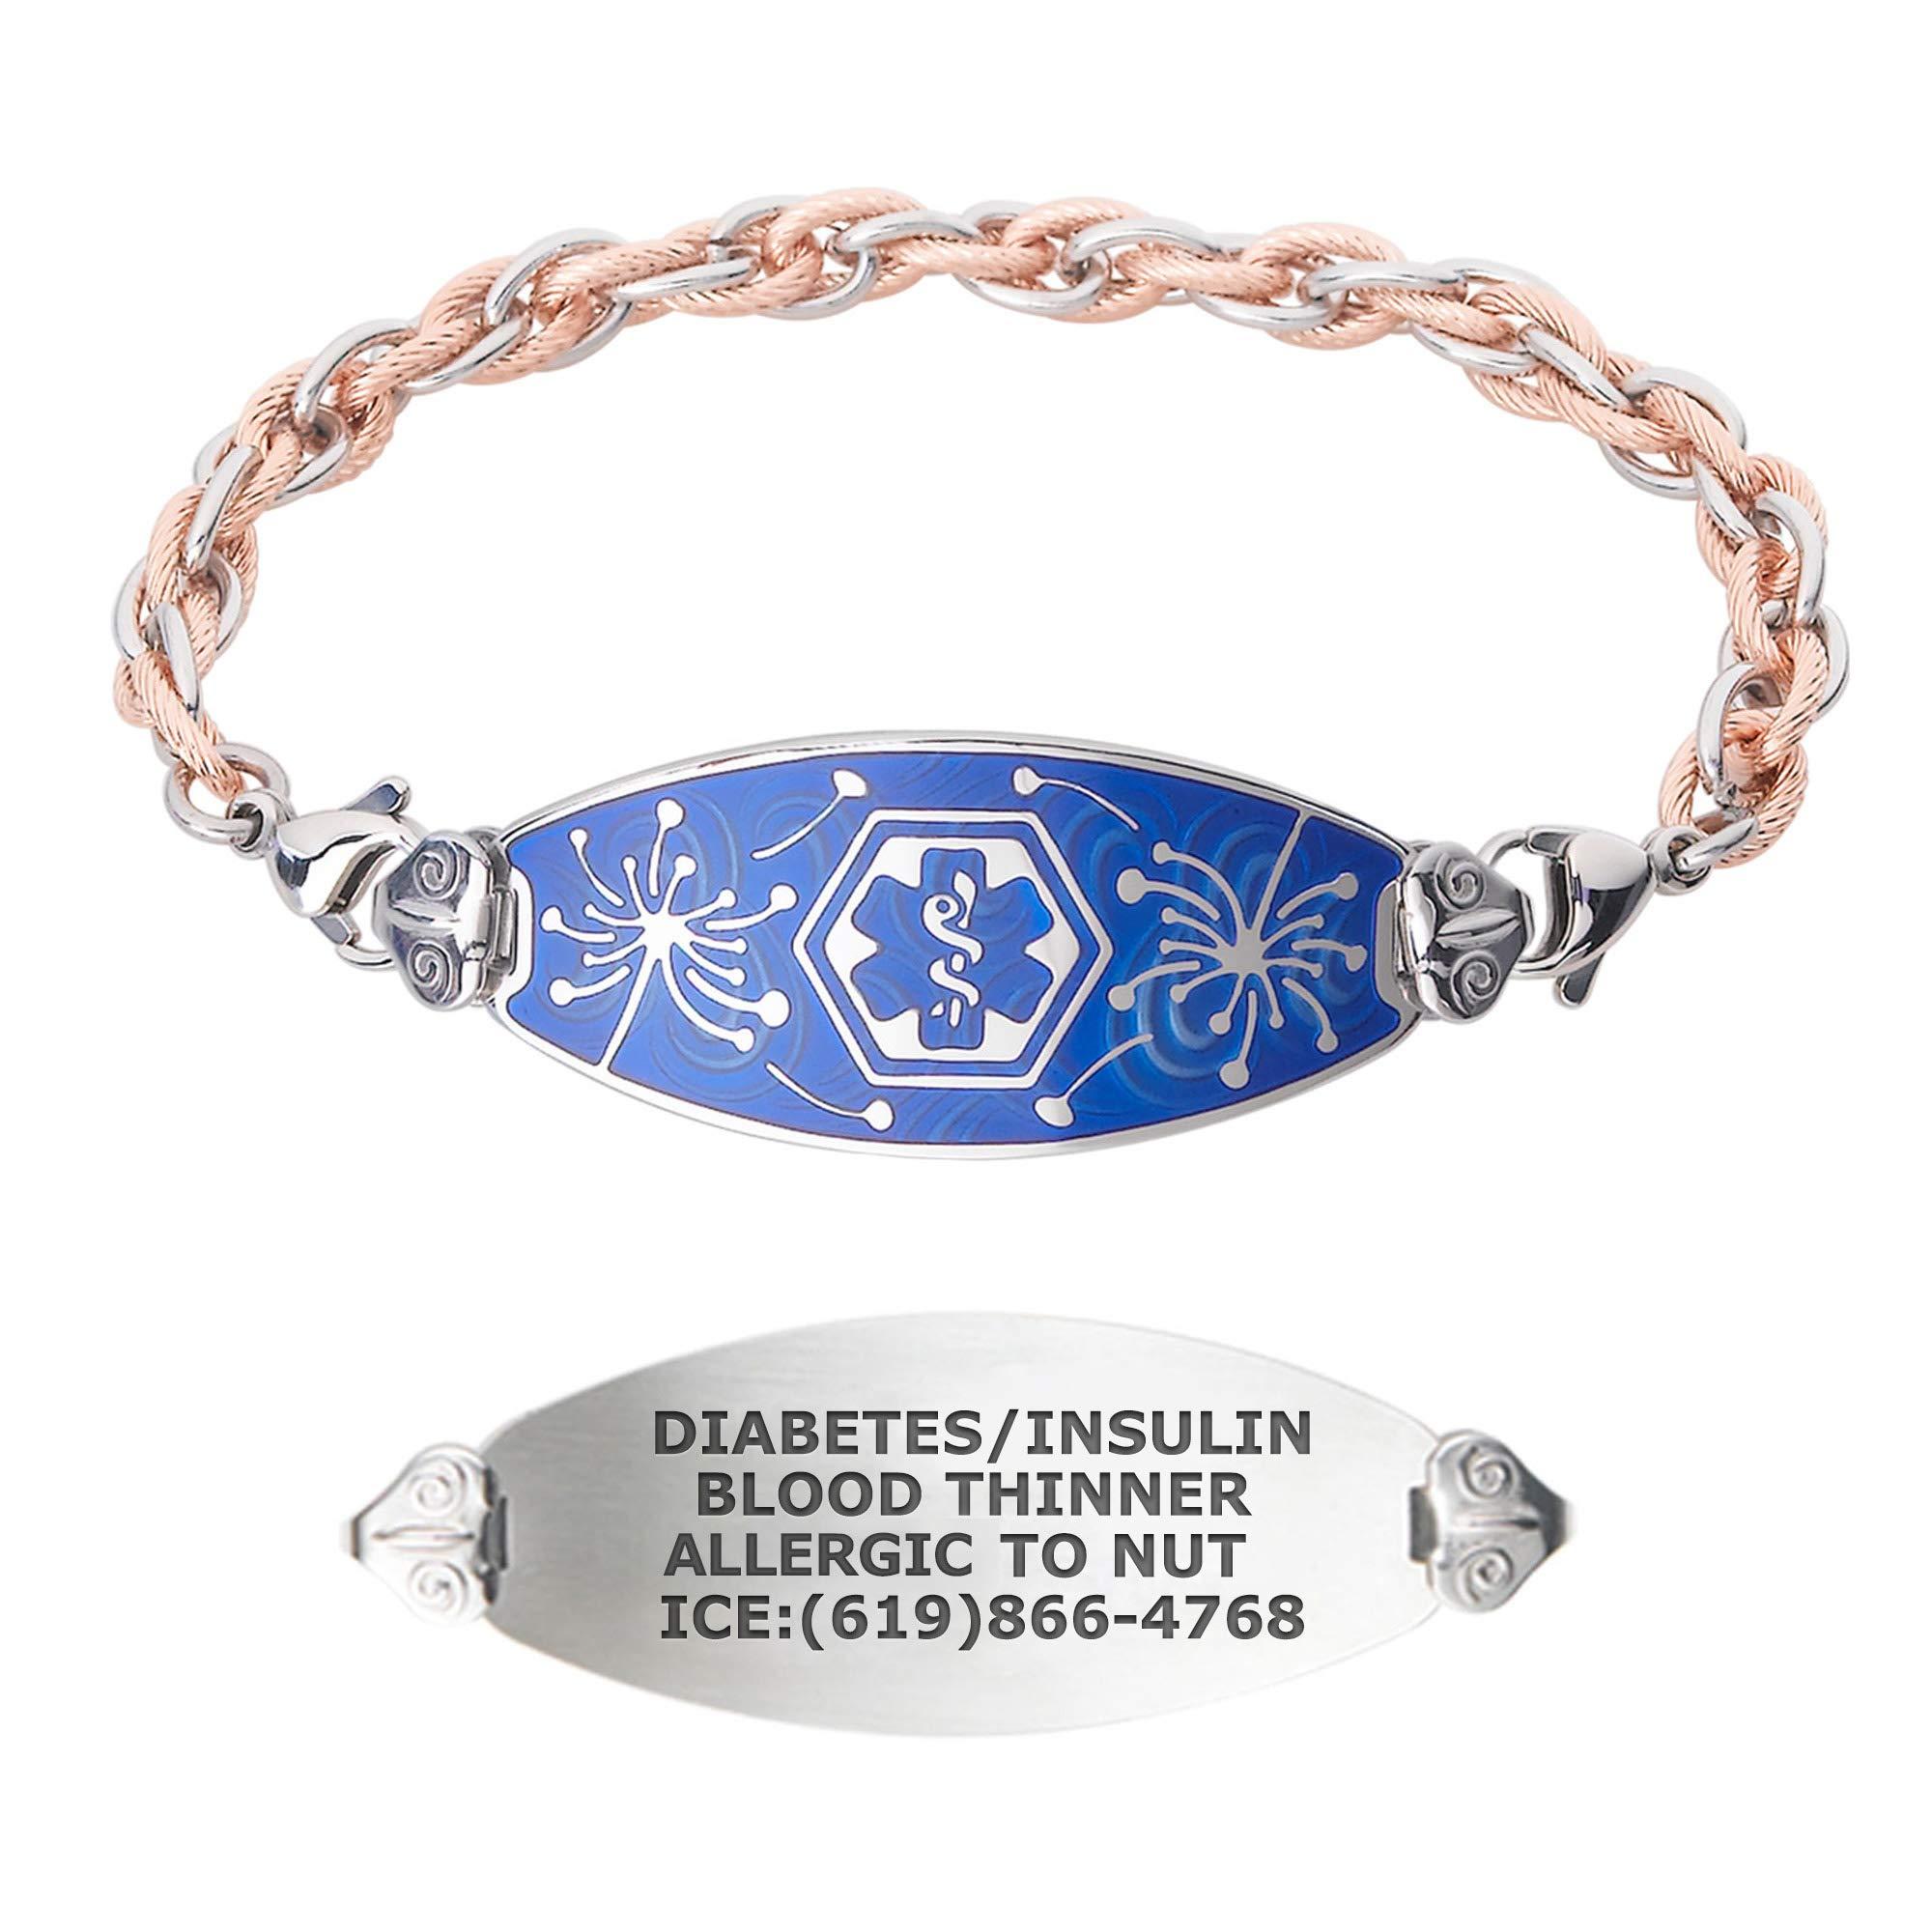 Divoti Custom Engraved Medical Alert Bracelets for Women, Stainless Steel Medical Bracelet, Medical ID Bracelet w/Free Engraving – Wishful Dandelion Tag w/Inter-Mesh Rose Gold/Silver – Color/Size